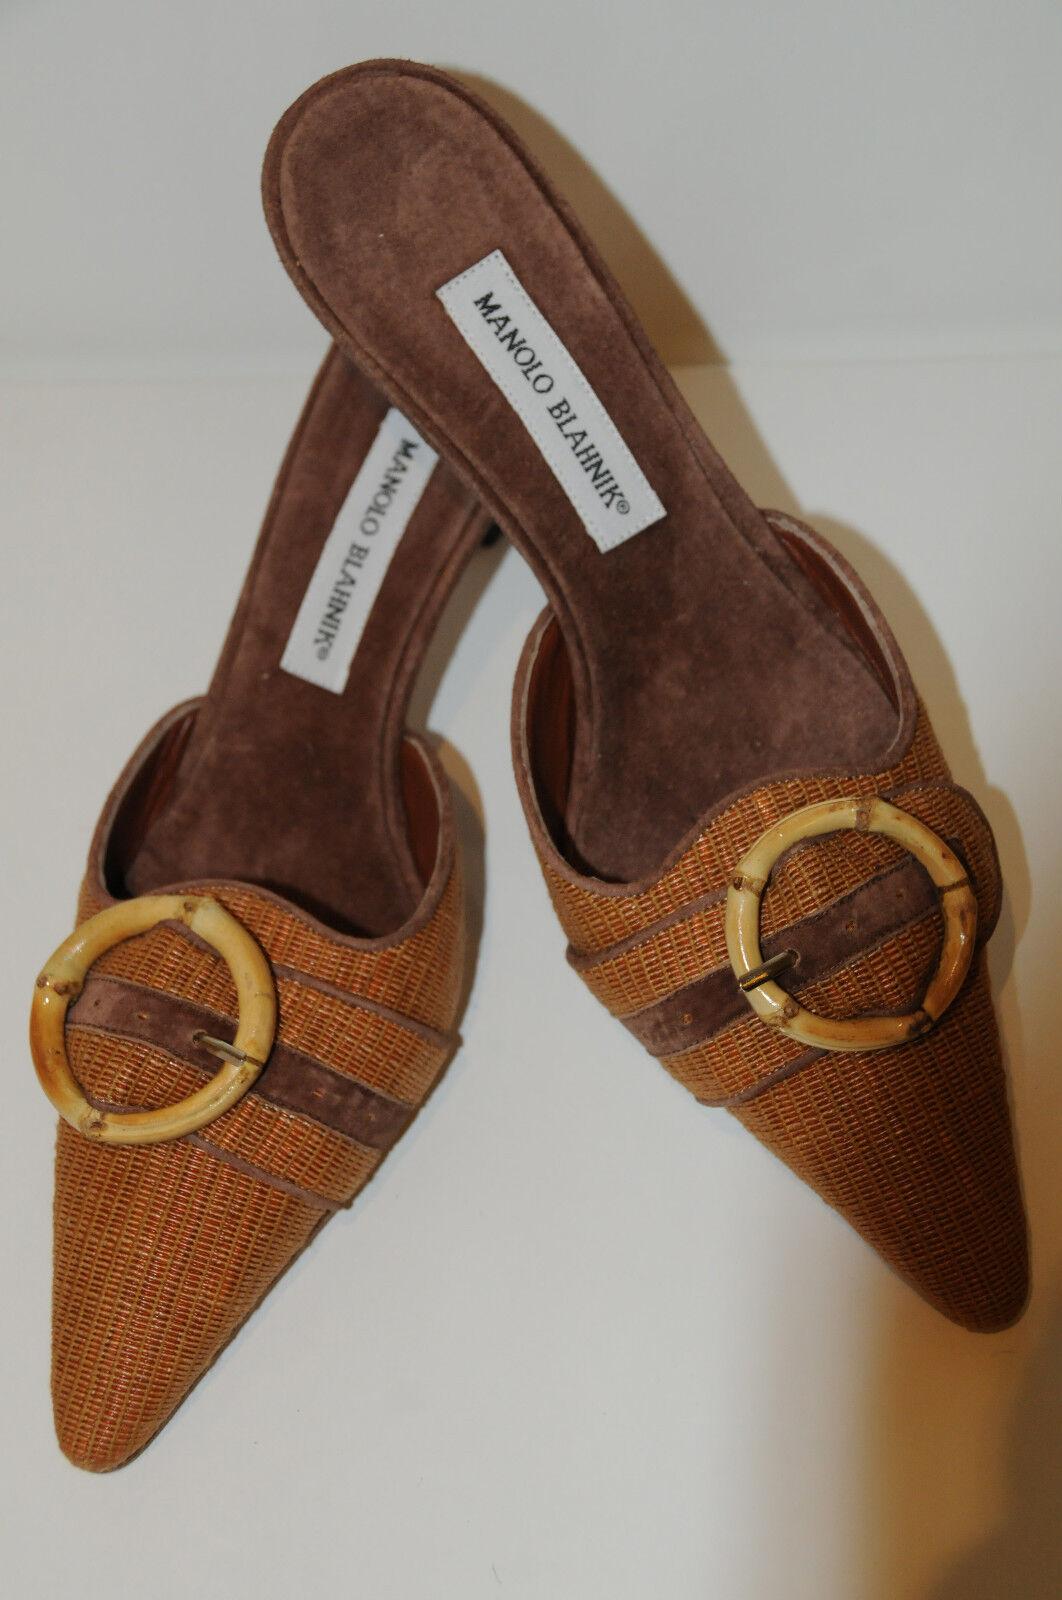 Neuf Manolo Blahnik Cognac Marron Paille Cuir Suédé Chaussures Mules 37